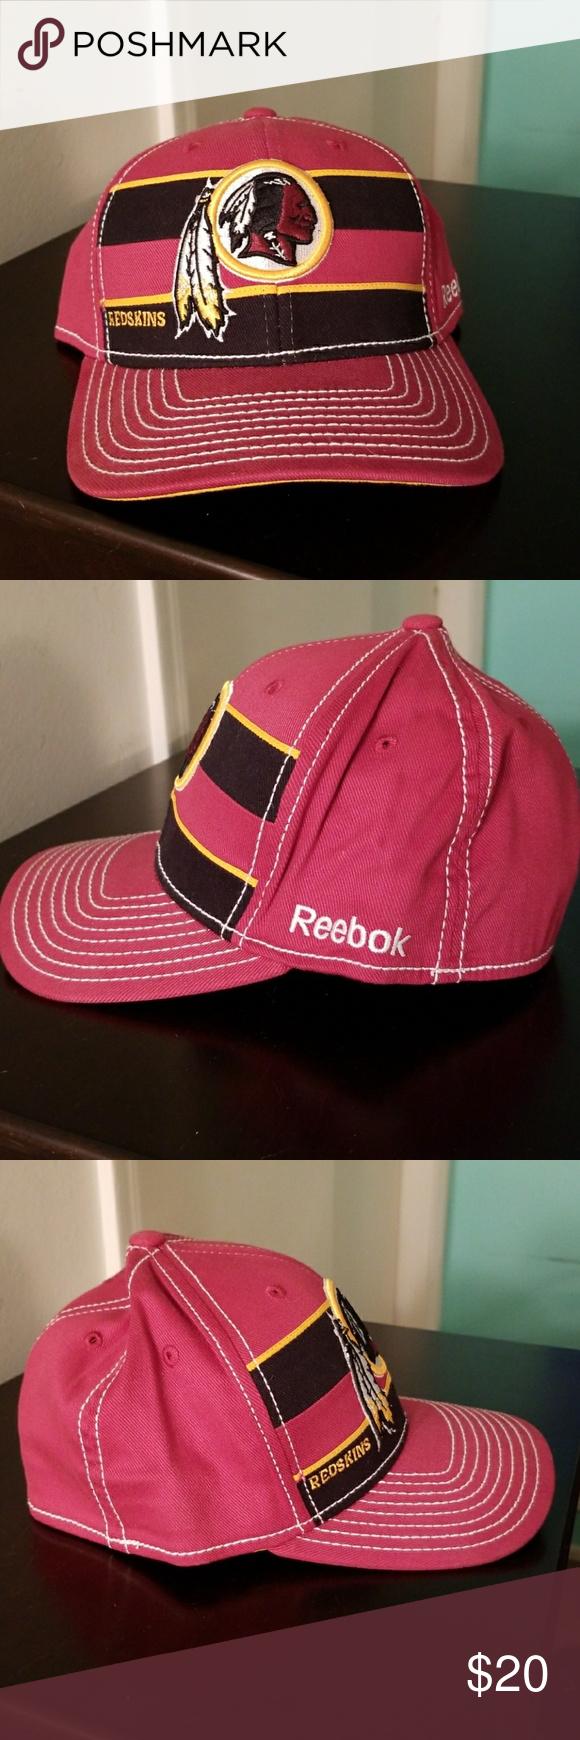 6e11554f4 Nfl redskins · NFL Redskins Hat NWOT Redskins Football Hat Reebok  Accessories Hats